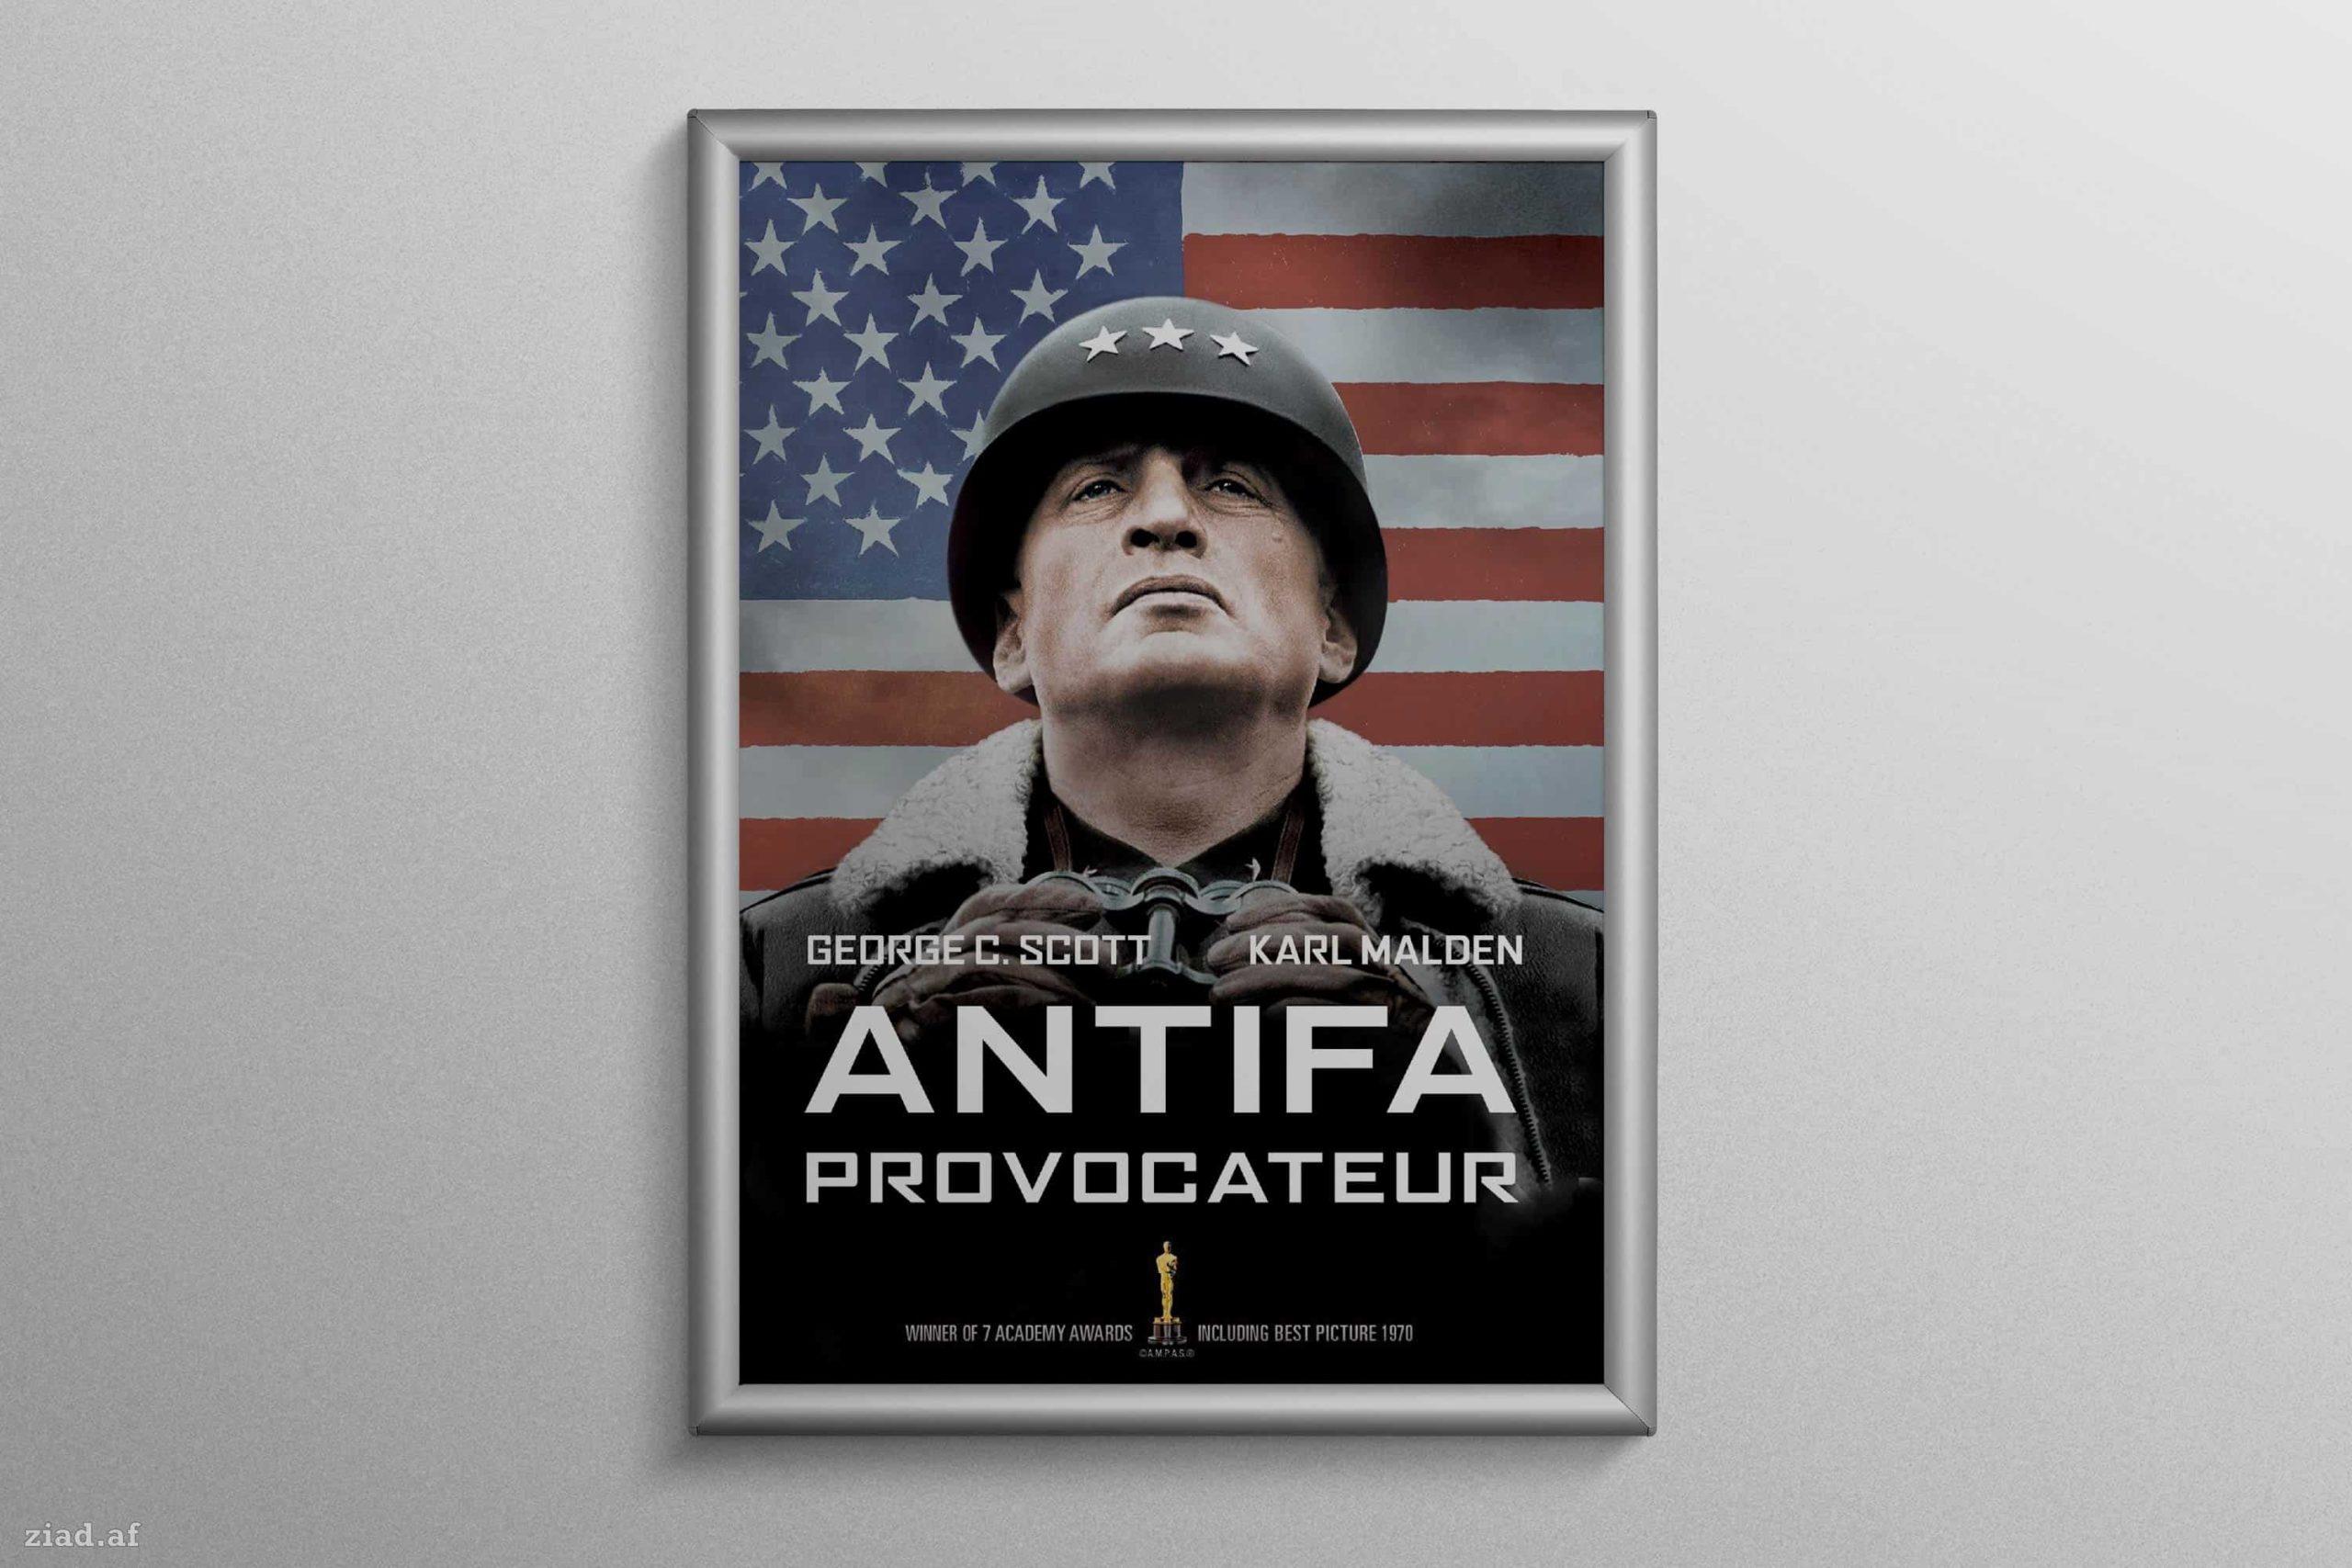 ANTIFA Provocateur